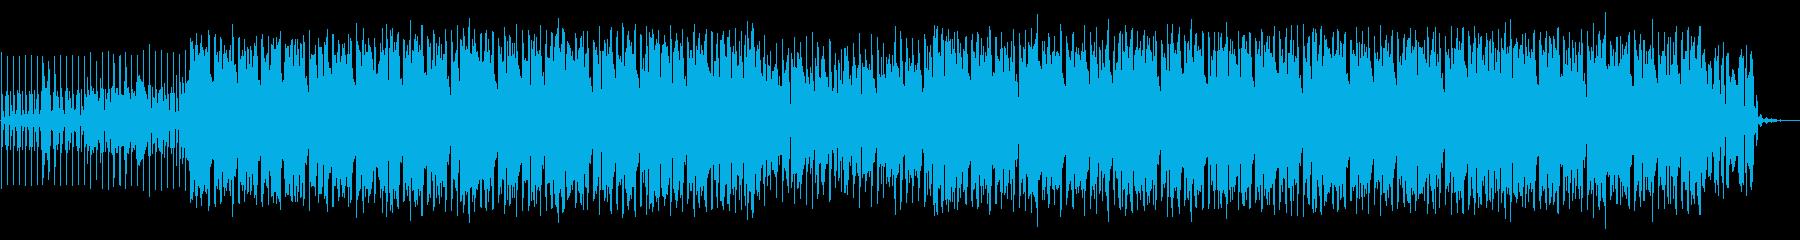 クラブでアガる手を挙げる系パリピ音楽の再生済みの波形